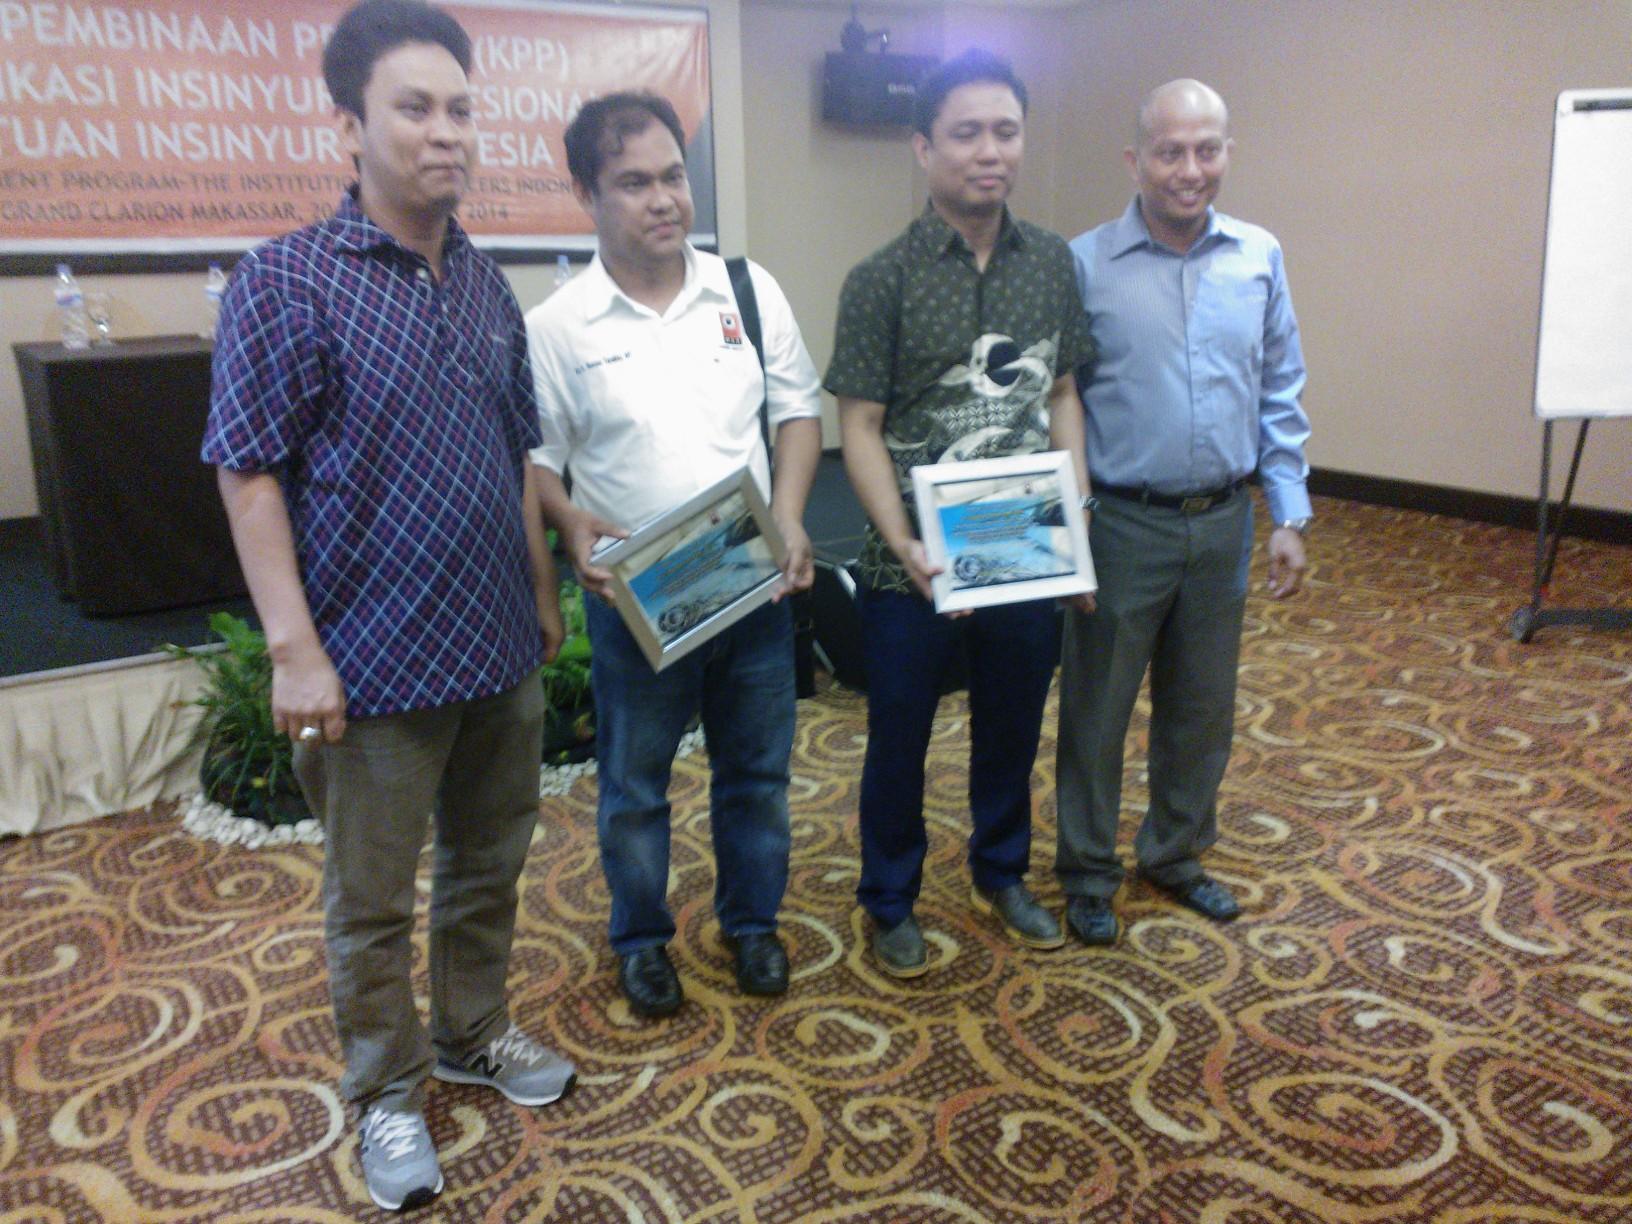 KPP PII Makassar